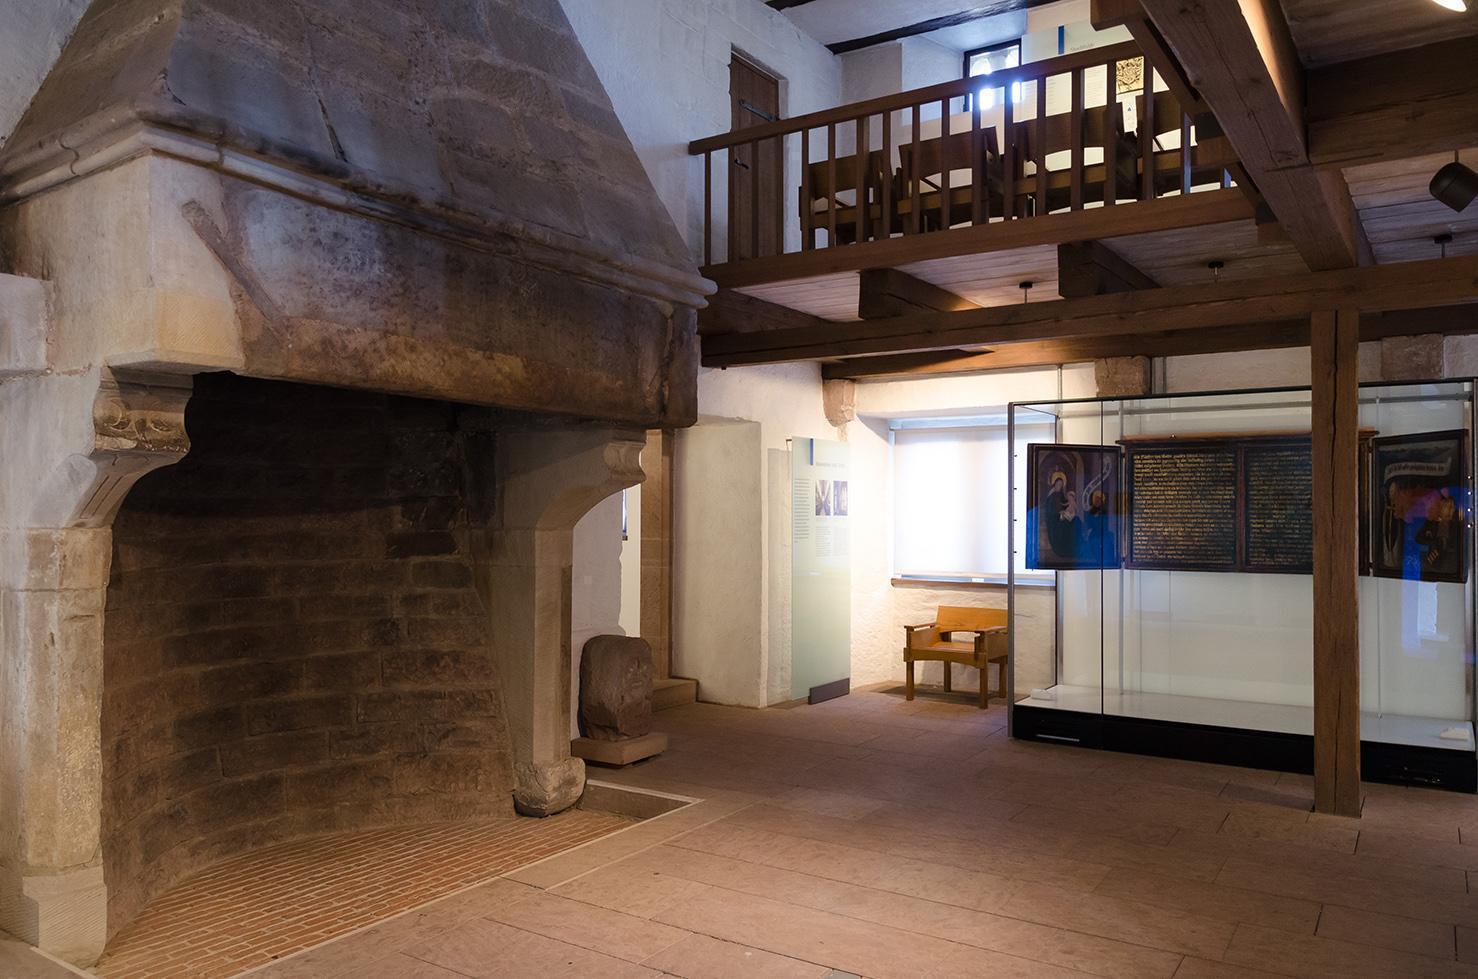 Kloster Maulbronn, der Kamin im Frühmesserhaus; Foto: Staatliche Schlösser und Gärten Baden-Württemberg, Julia Haseloff.